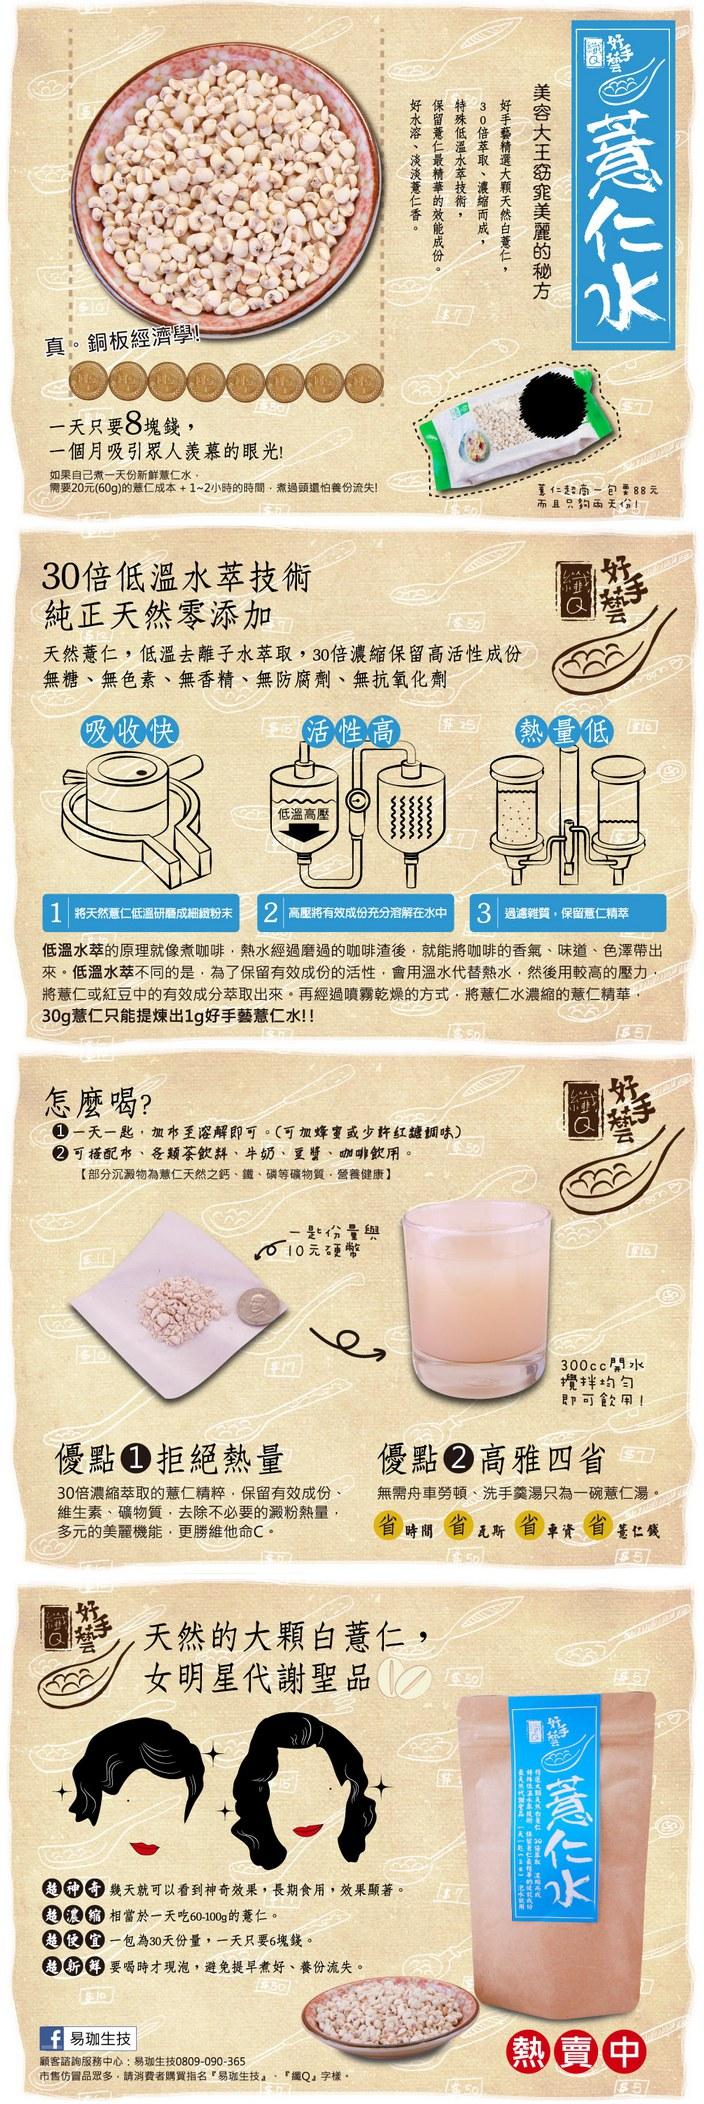 纖Q 好手藝 - 纖Q薏仁水  - 30入